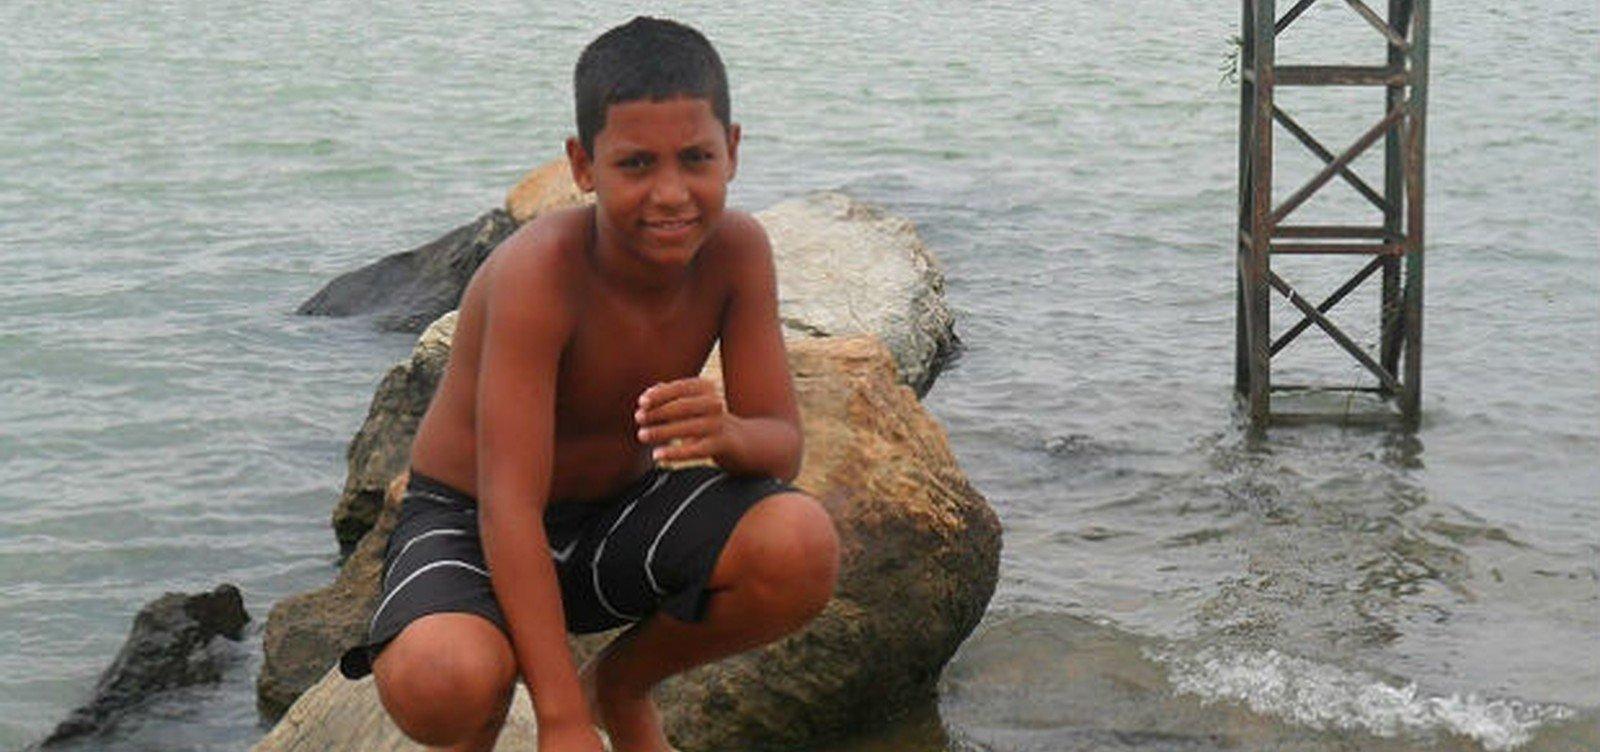 Caso Davi Fiúza: Após desaparecimento que dura meia década, audiência é marcada para 2020